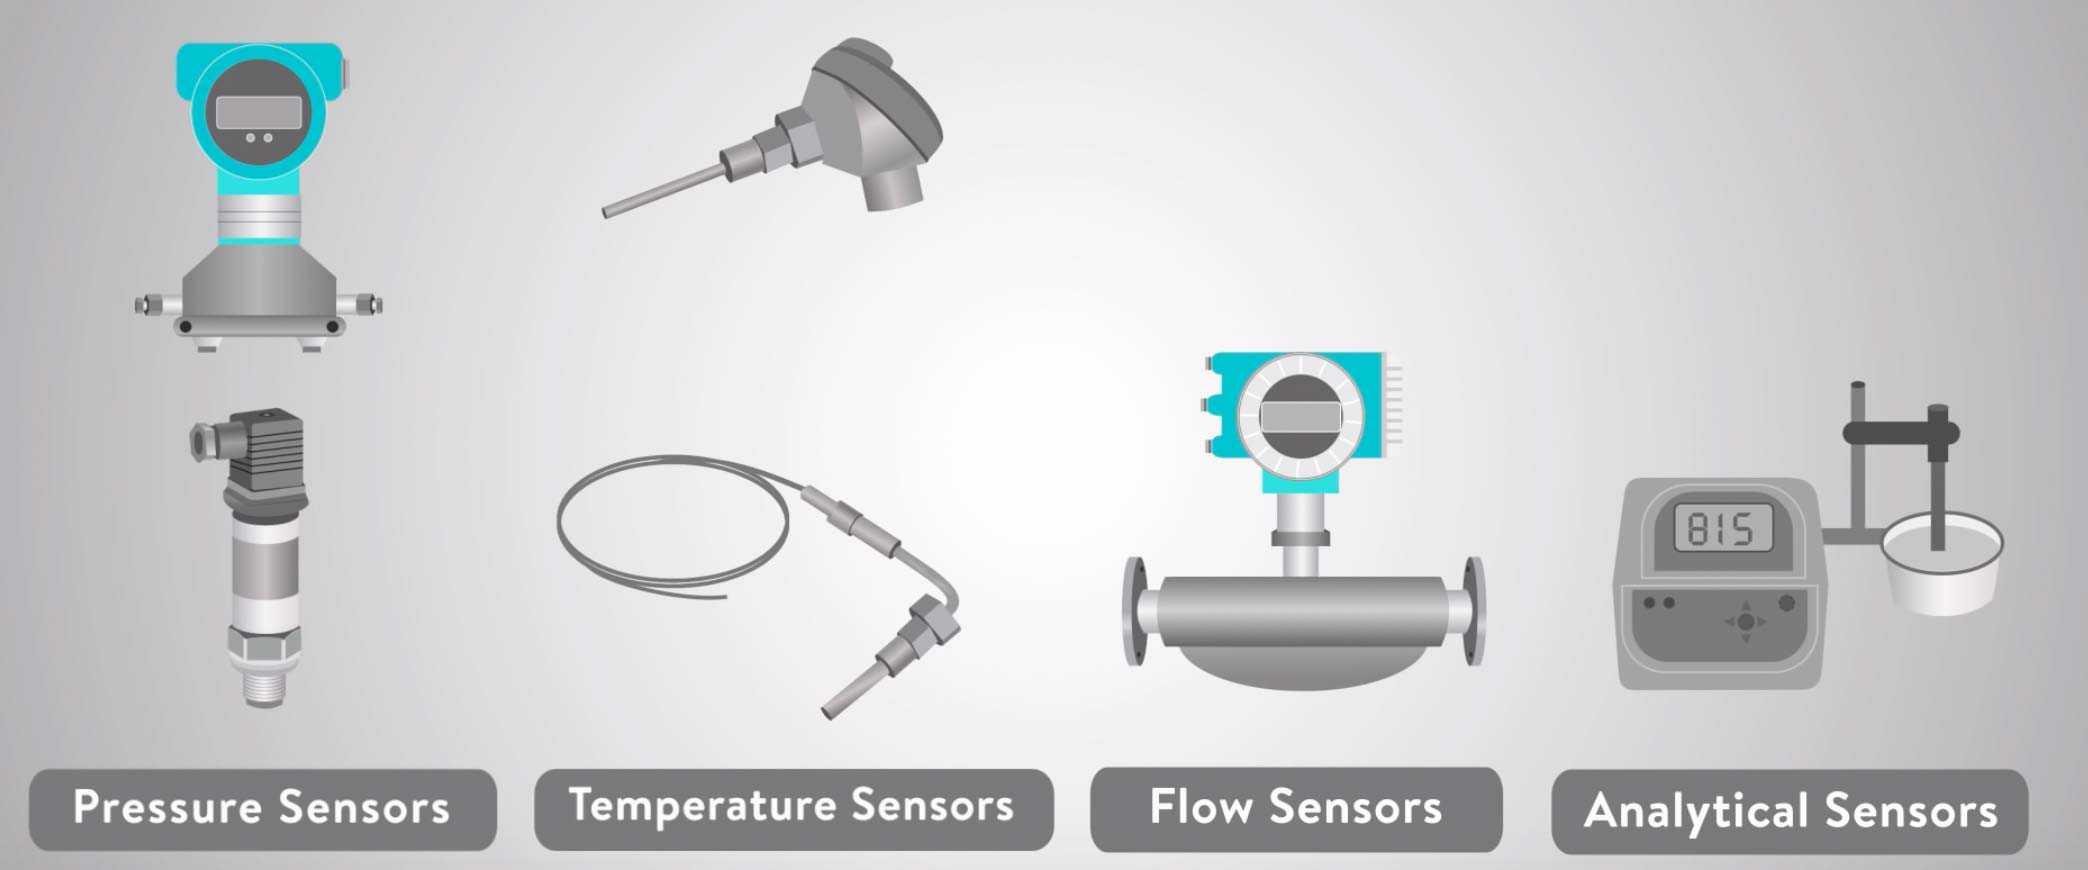 các loại cảm biến đo đưa vào PLC